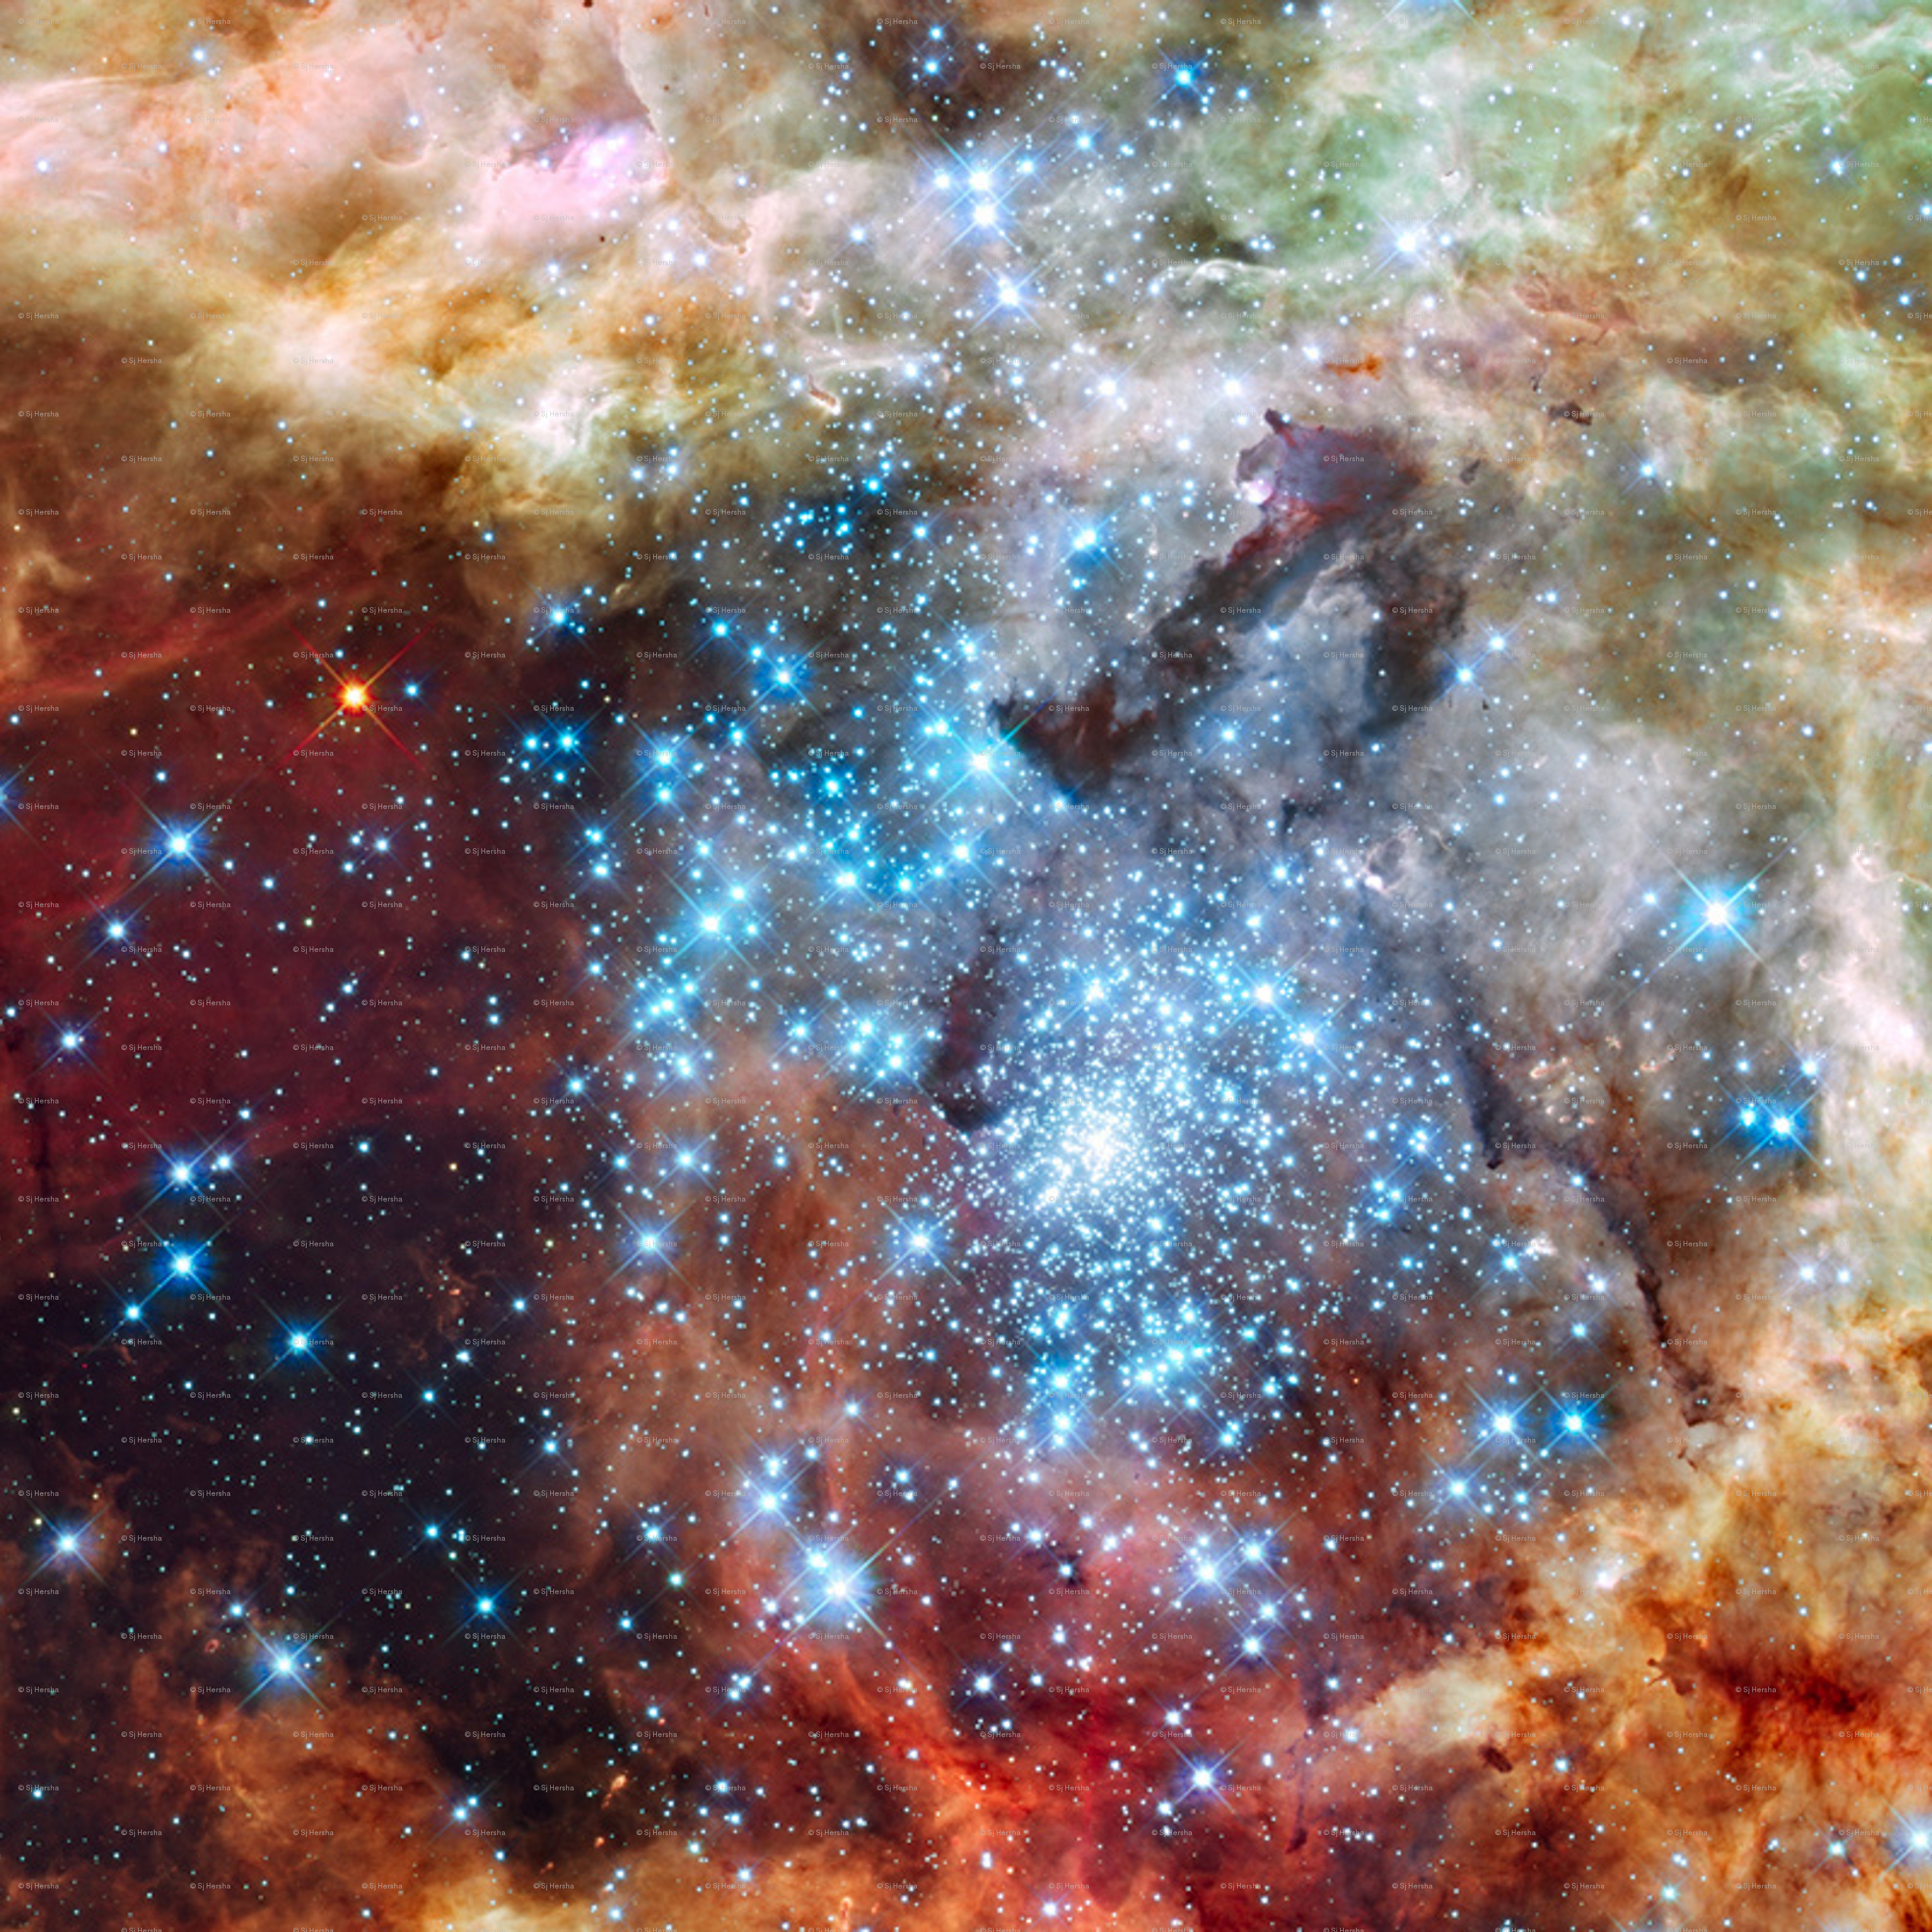 Nasa Hubble 30.